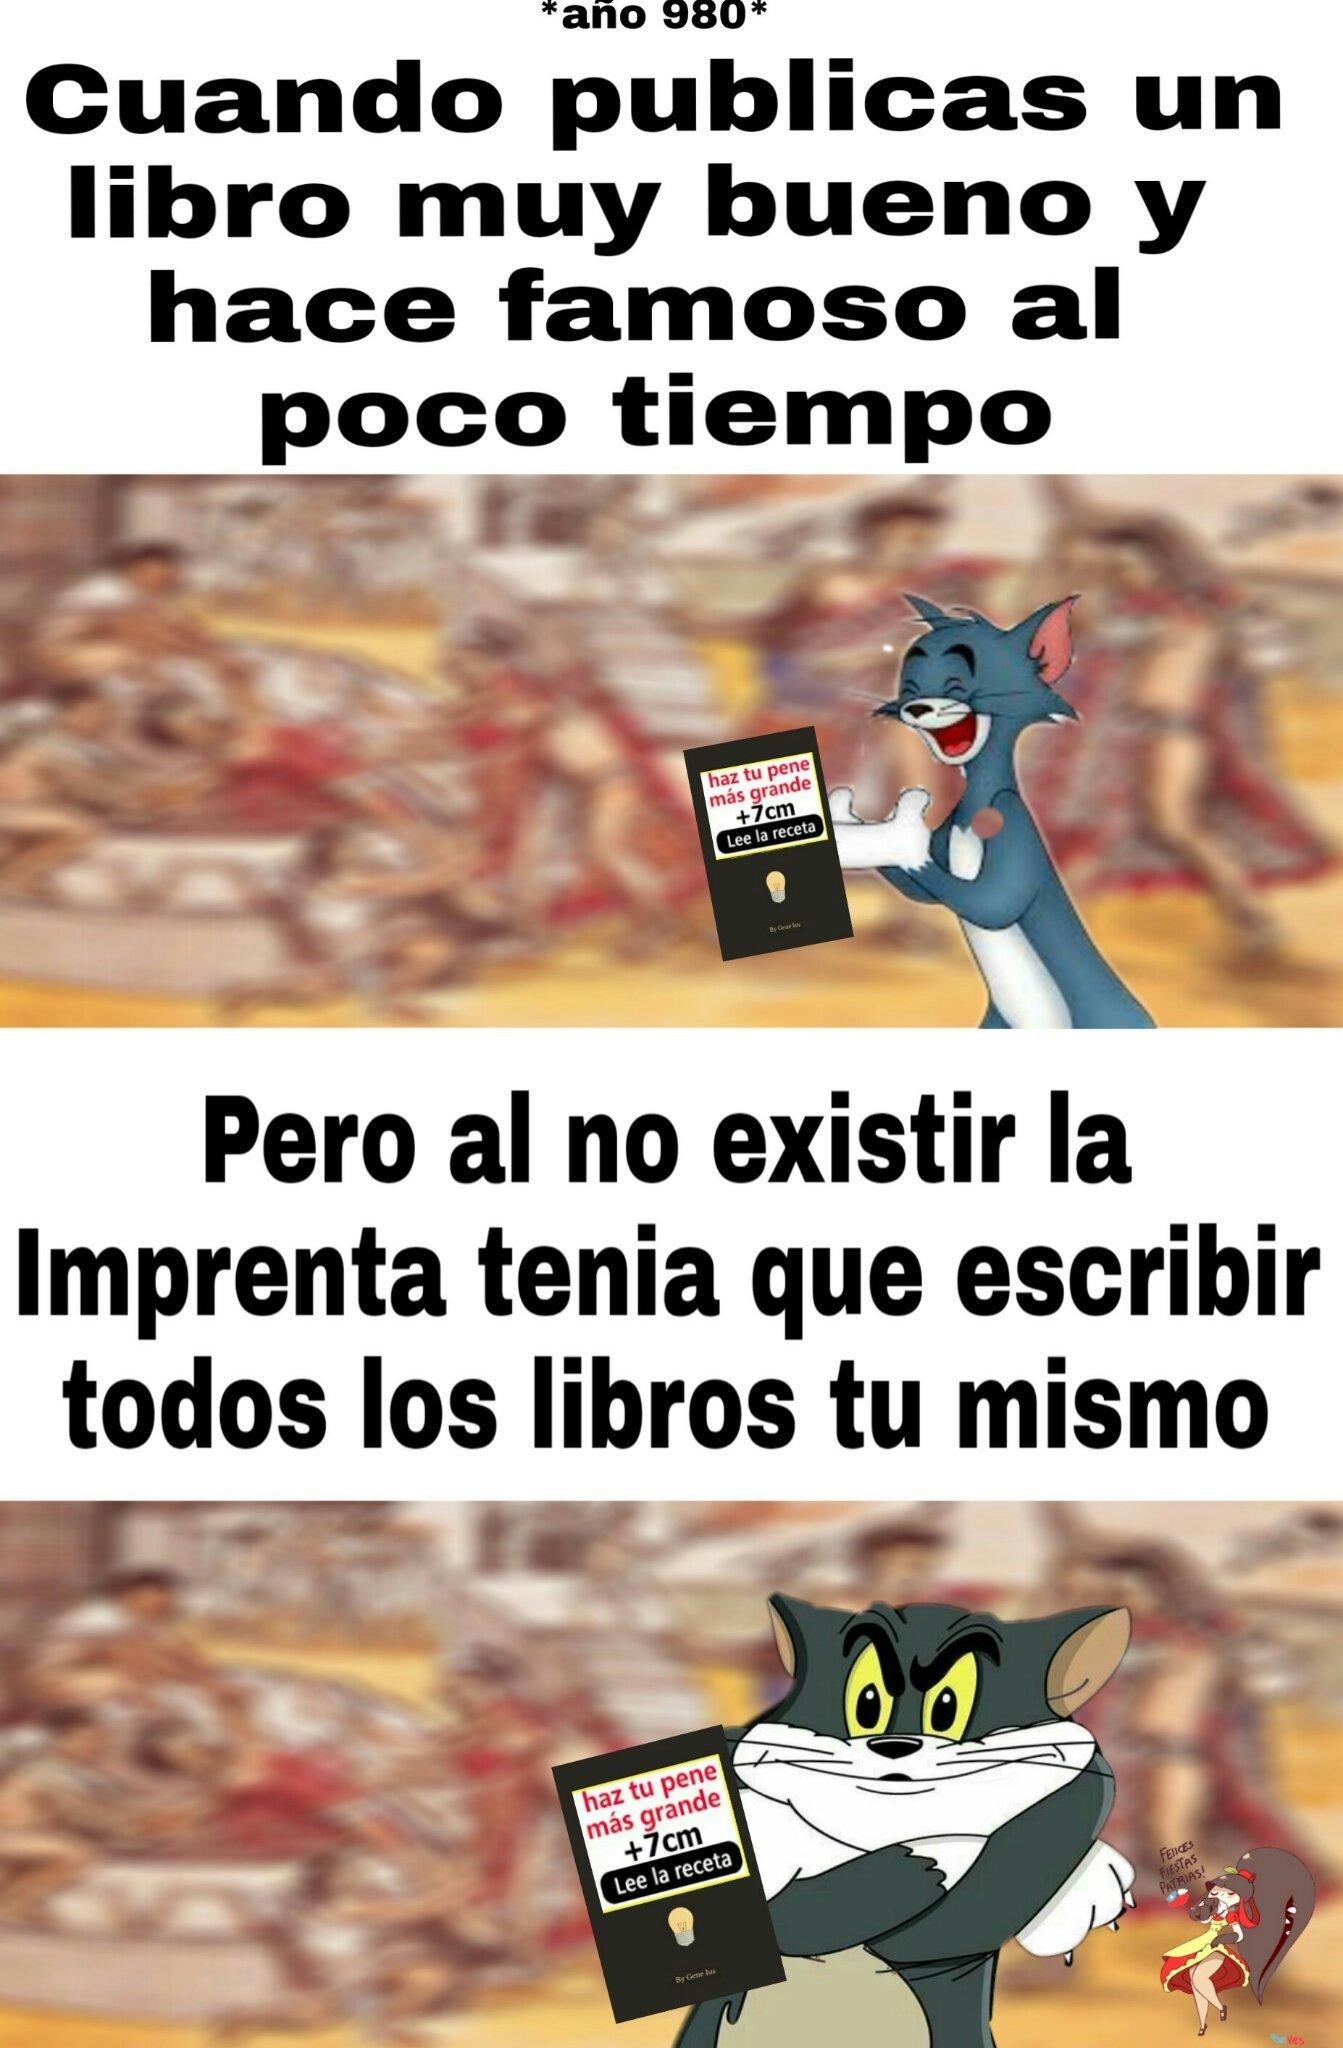 !!!TITAN GEL!!! - meme